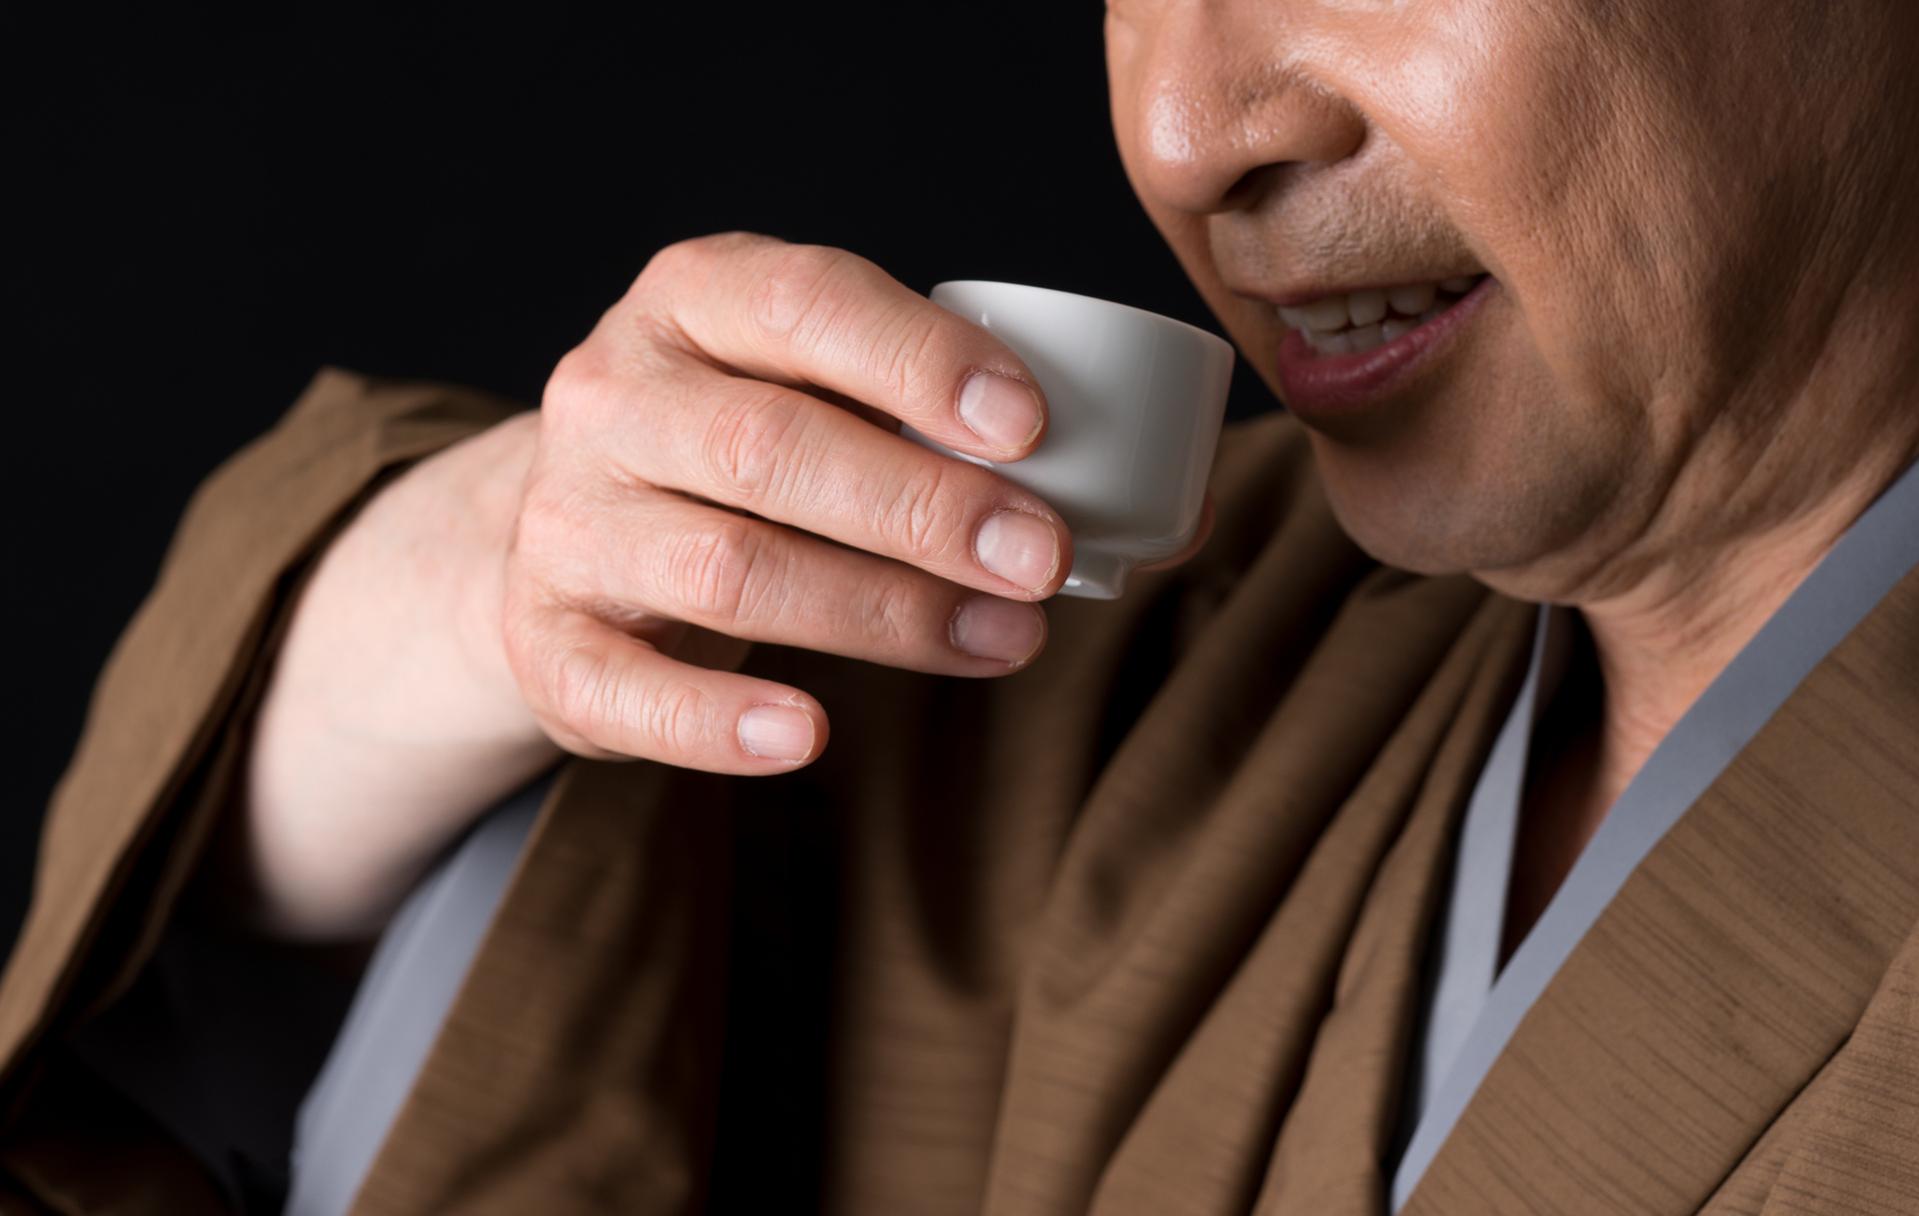 「恵方呑み」は福をもたらす。季節の変わり目には日本酒を片手に願い事を